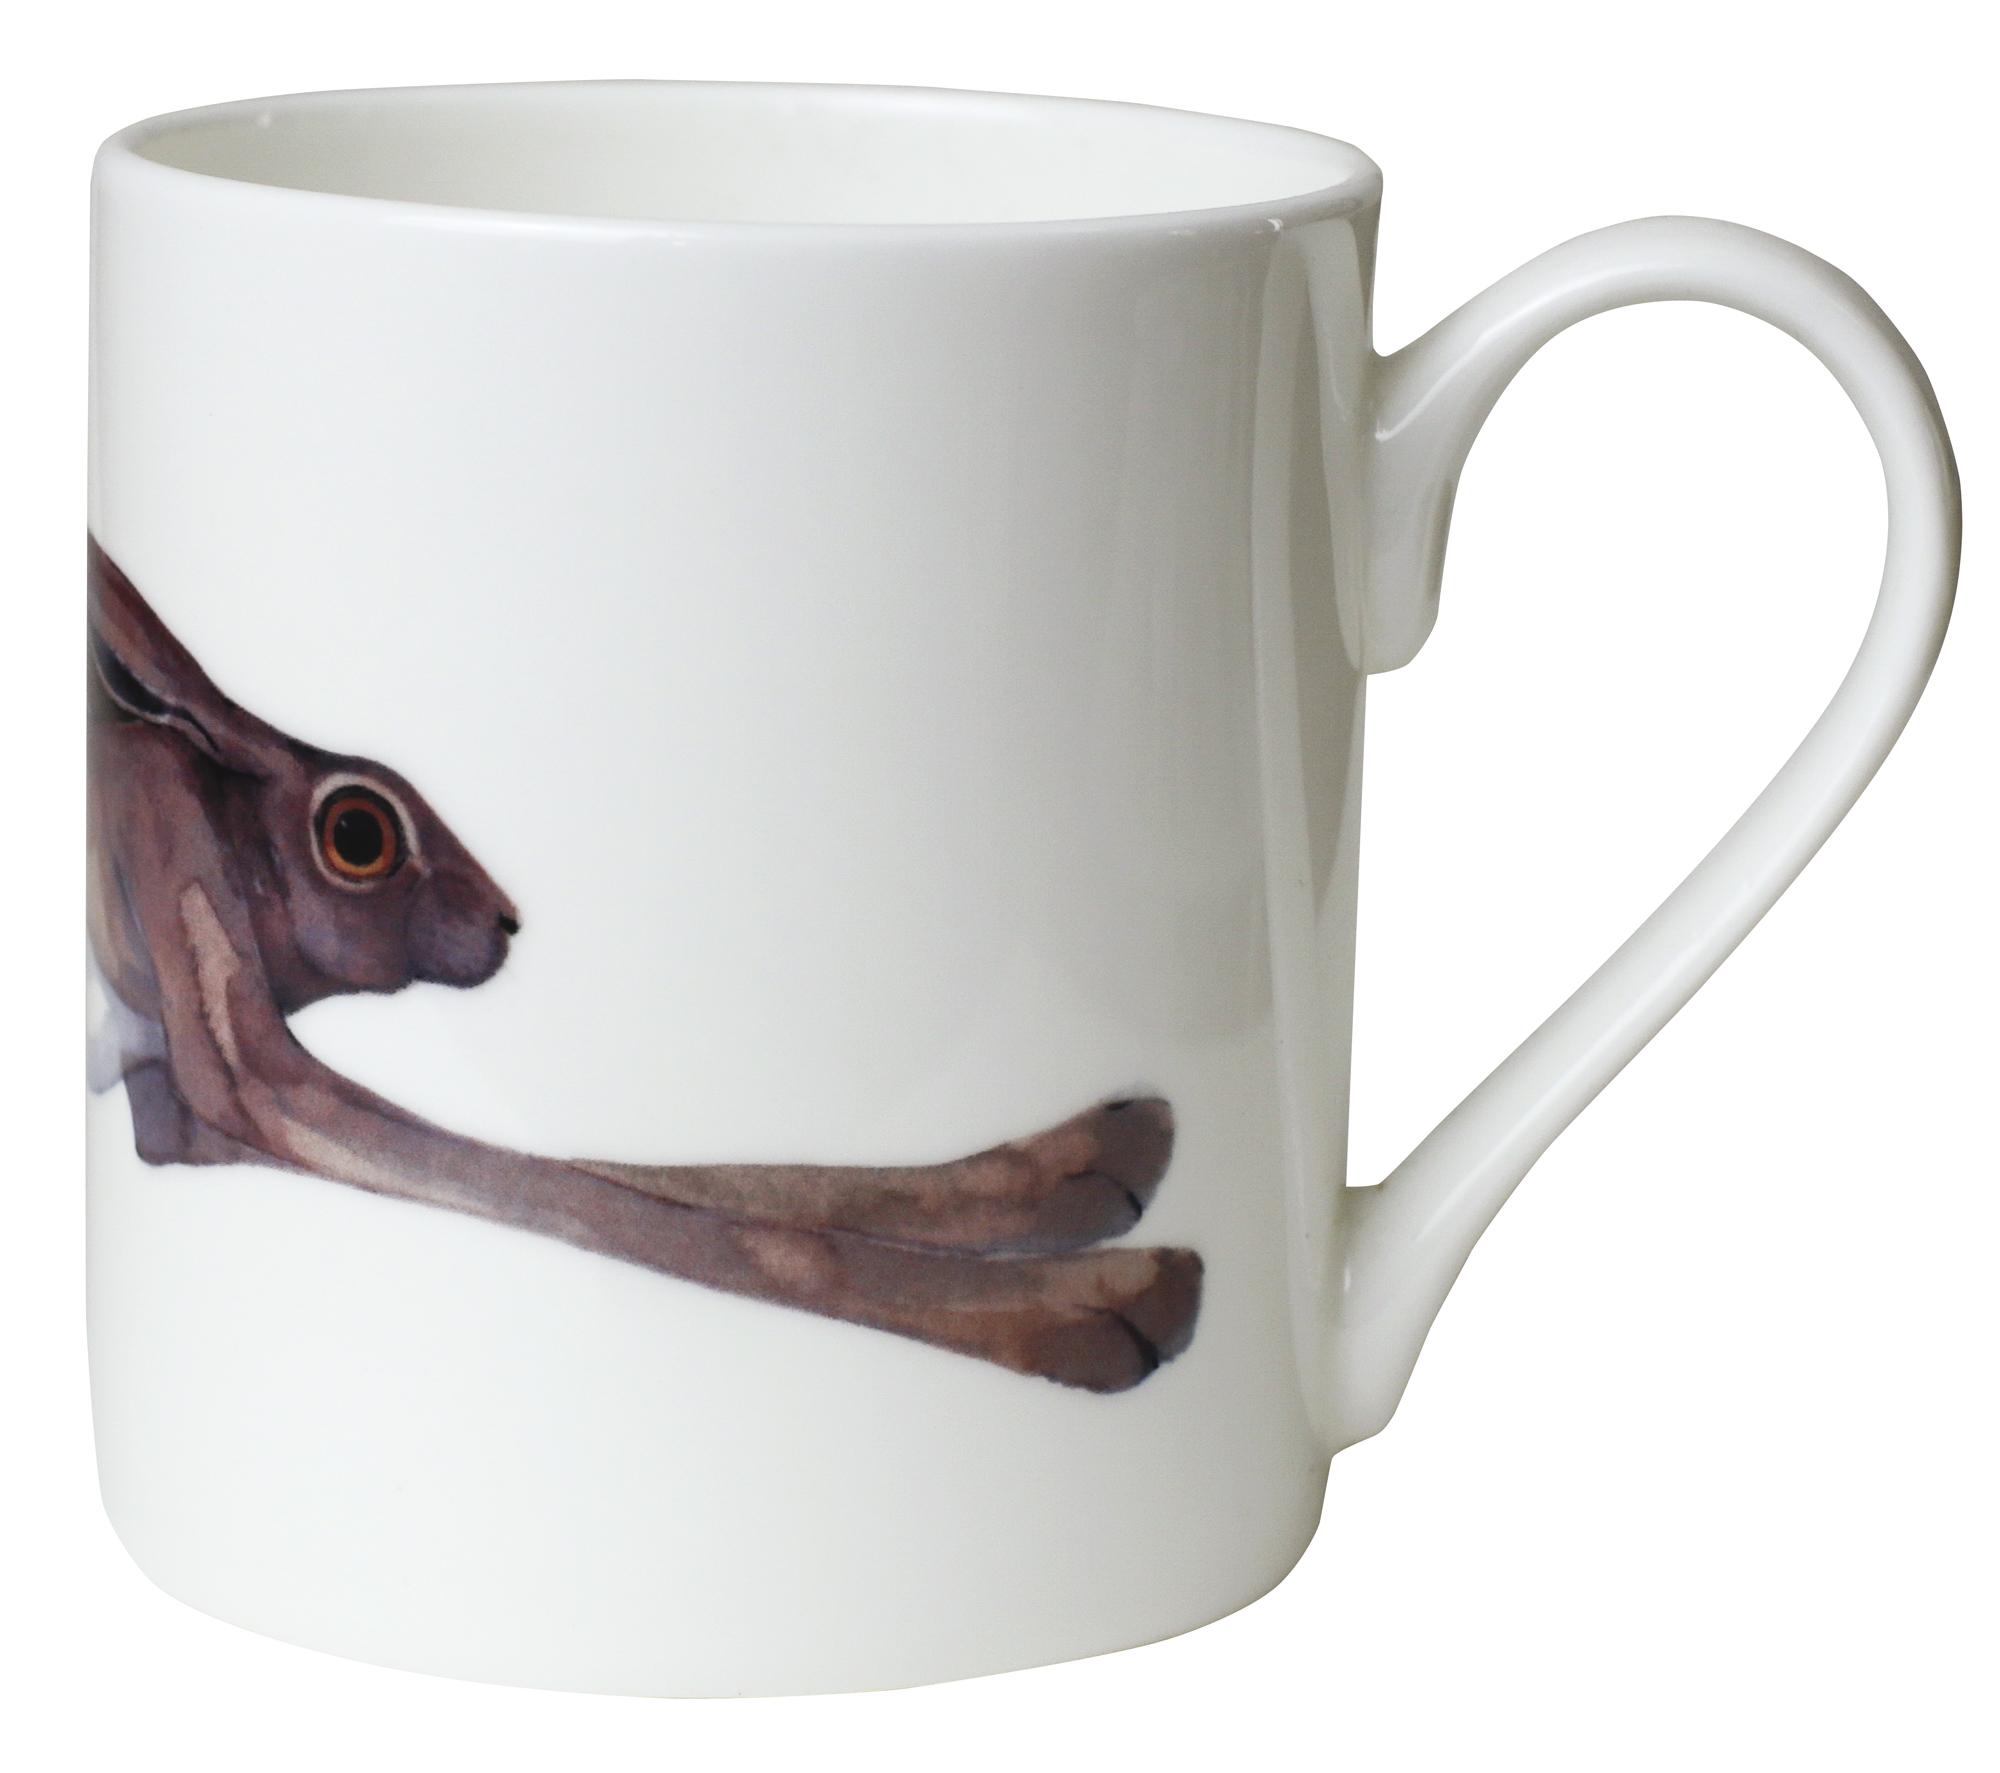 Mug, Hare image